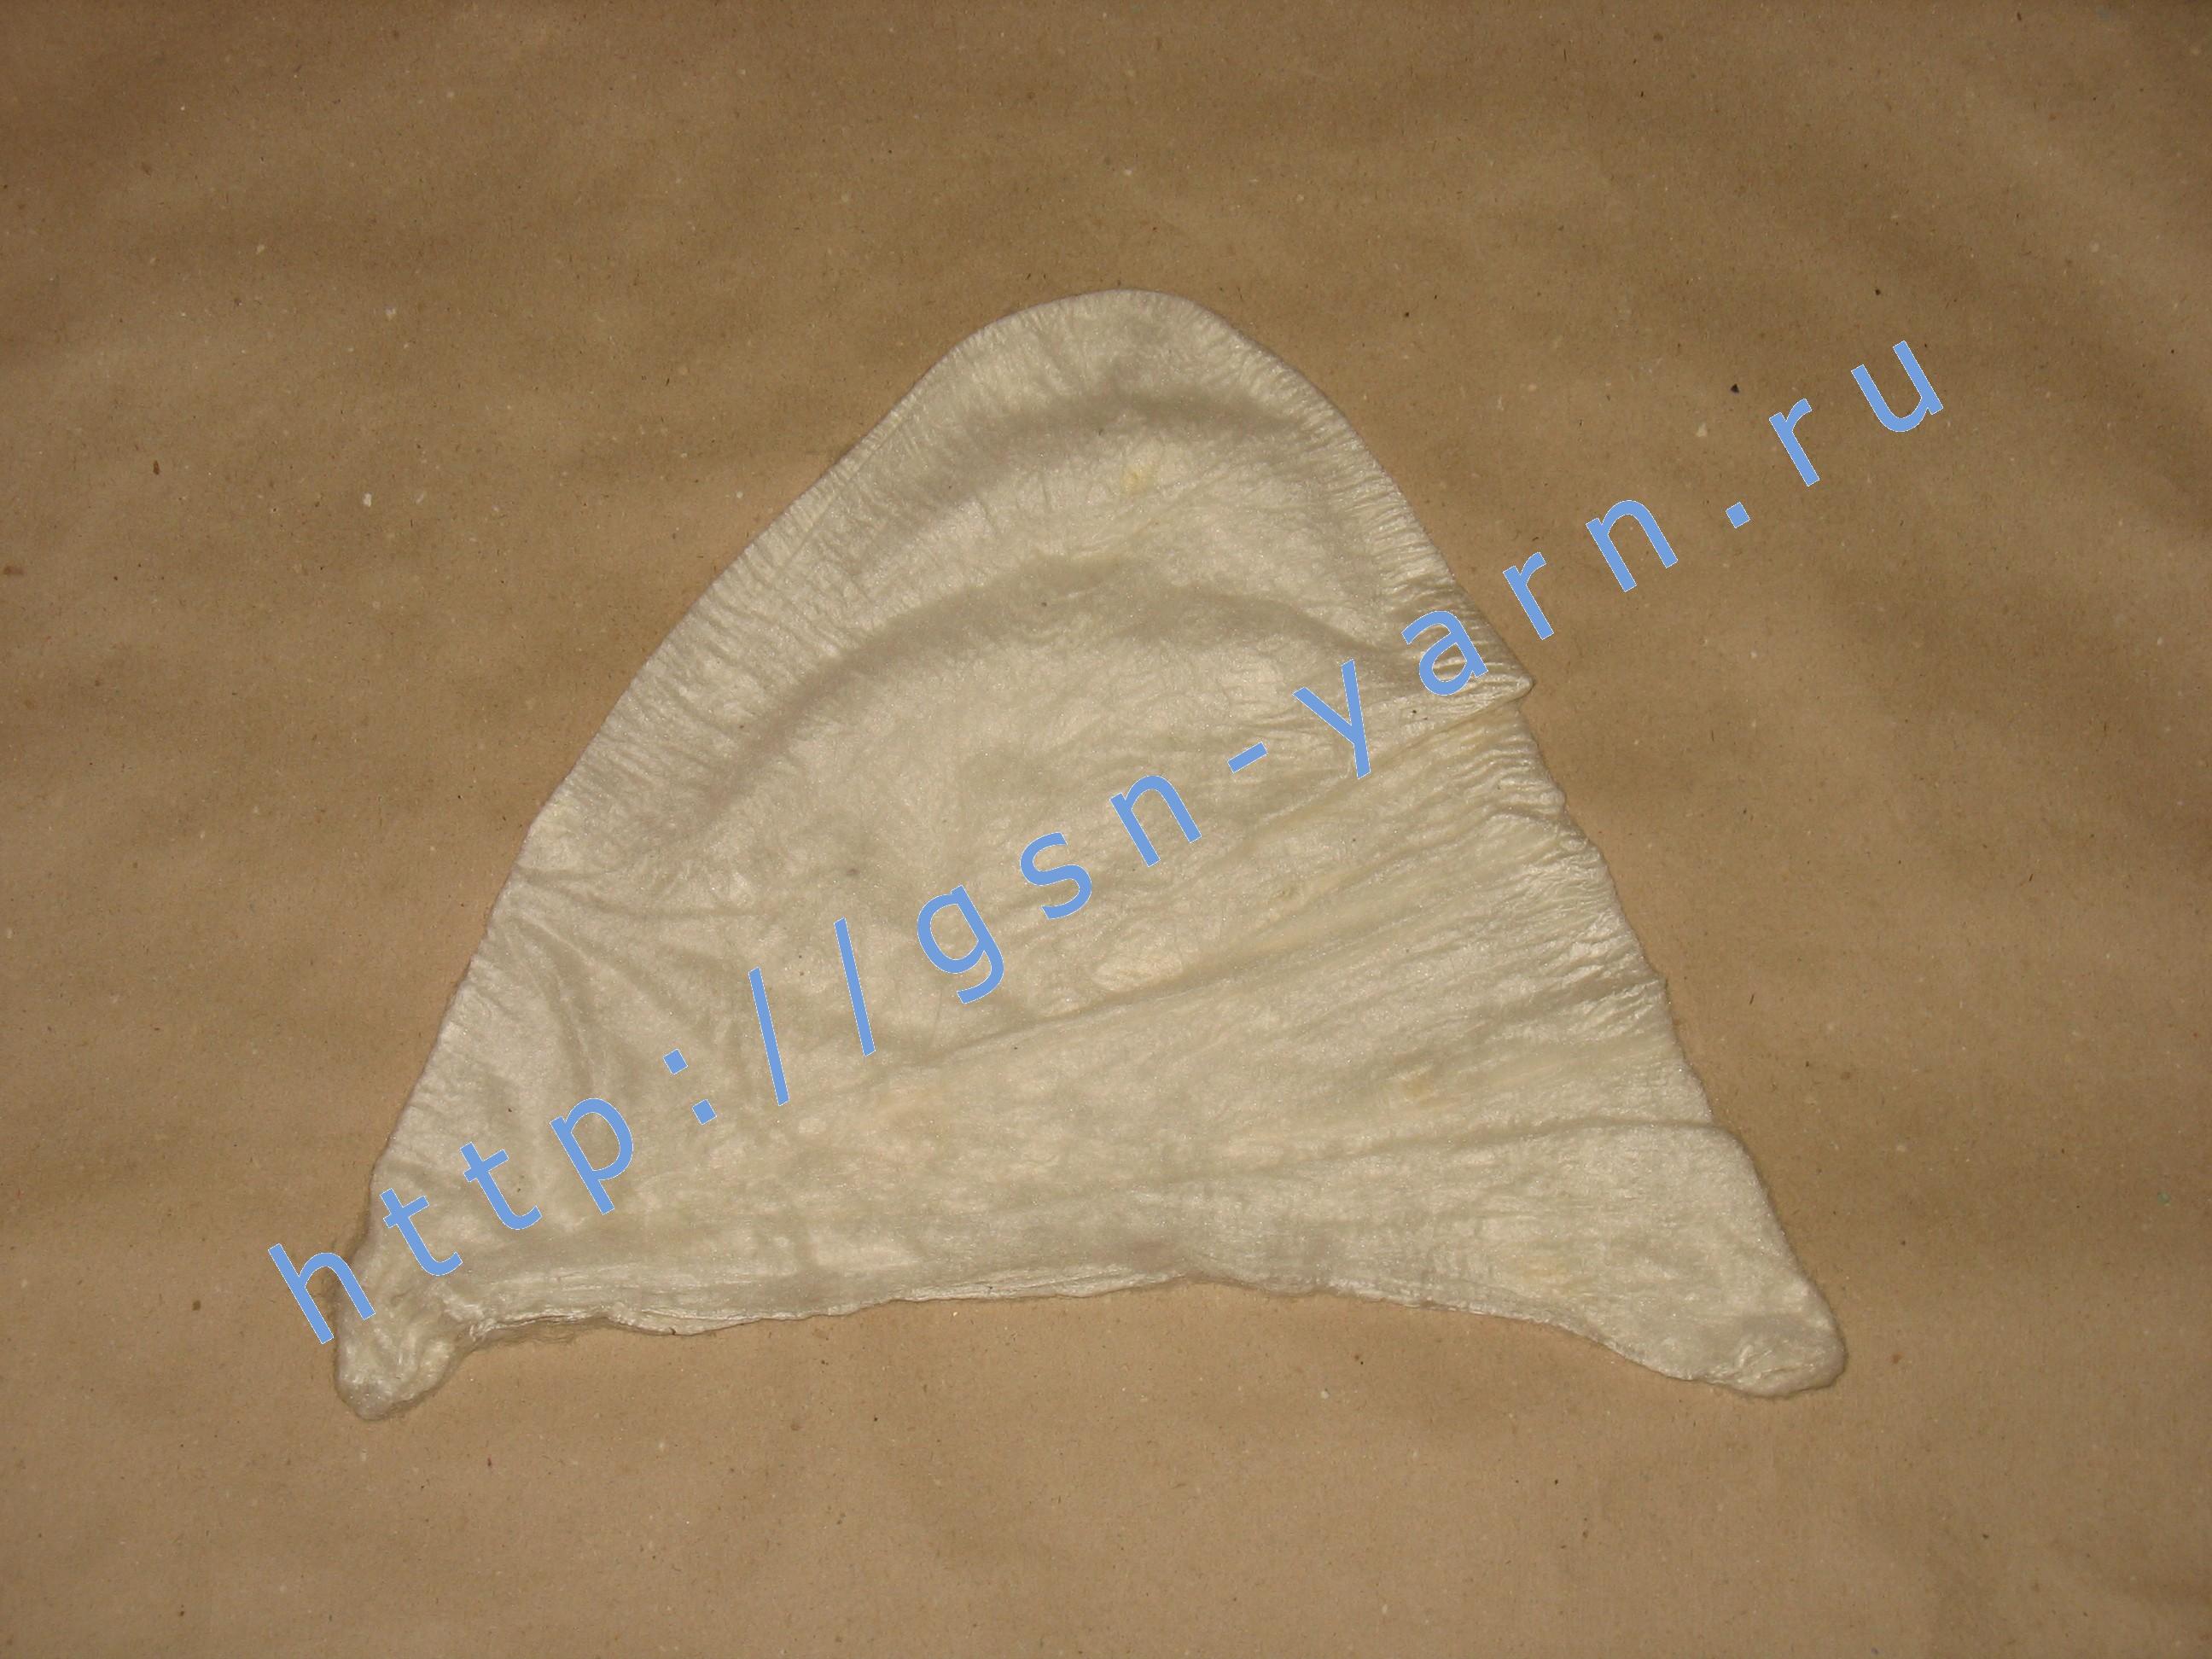 шелковые колпаки, шелковые шапки, шелковое волокно, шелк для валяния, шелк для фелтинга, silk caps